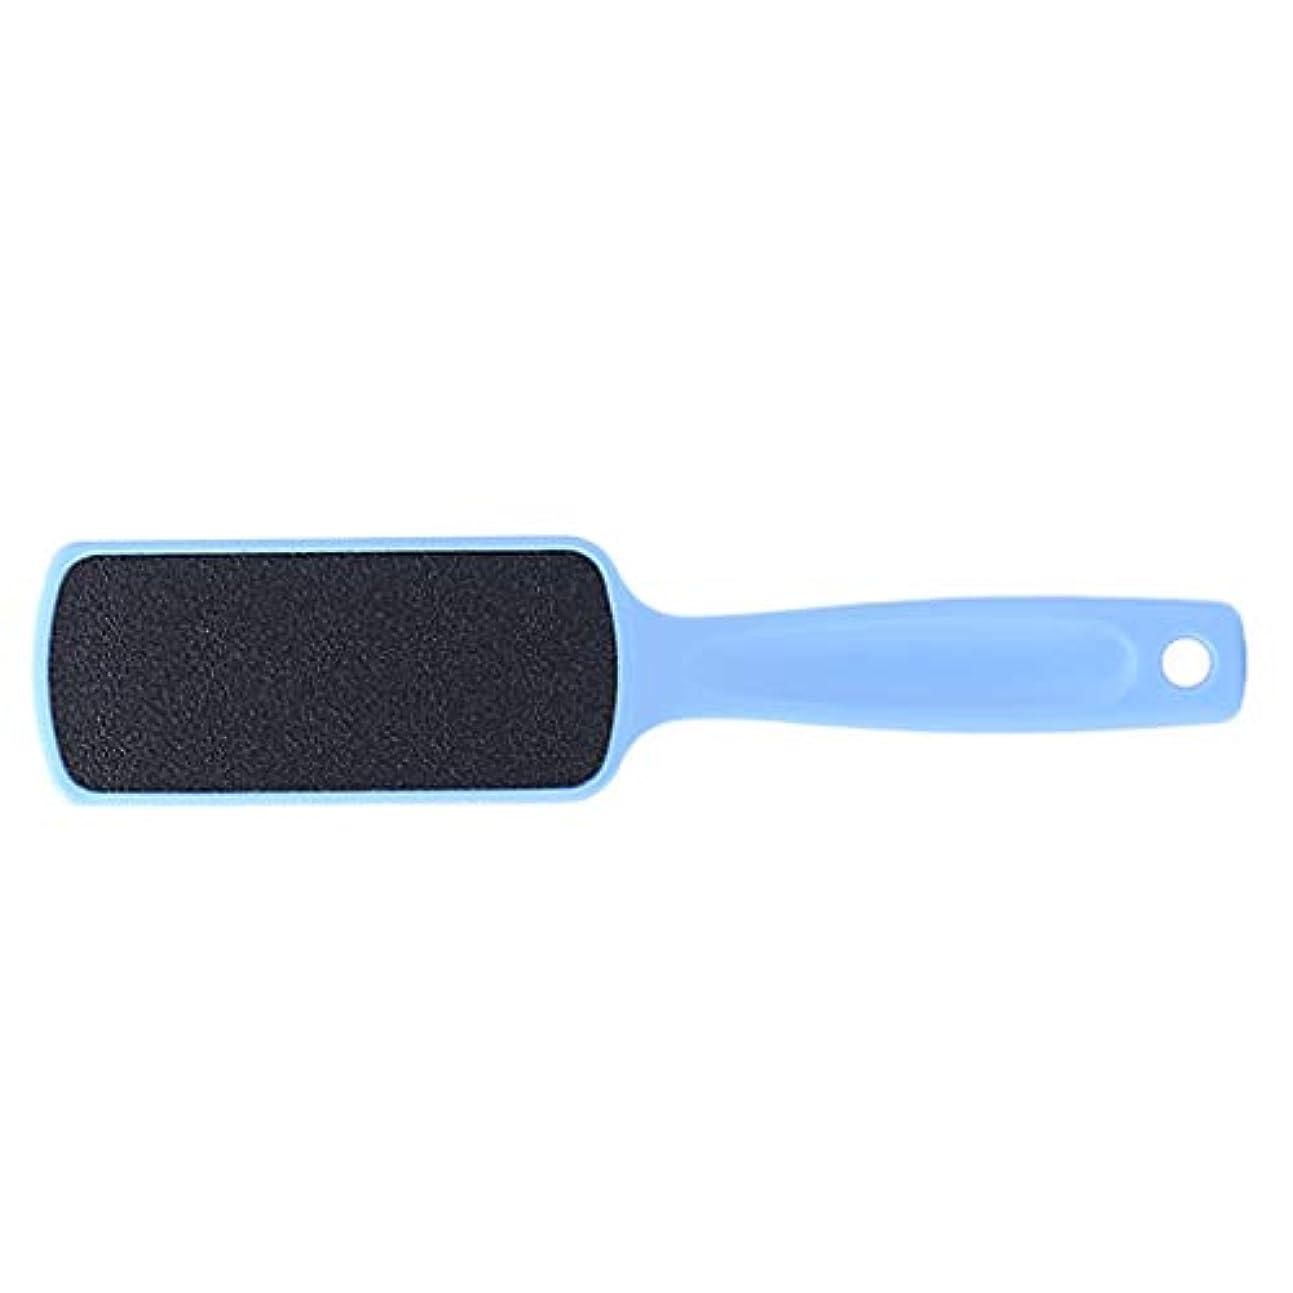 マトロン大統領学んだSM SunniMix フットファイル 足ファイル 角質除去 角質リムーバー 長いハンドル 滑り止め 全3色 - ライトブルー